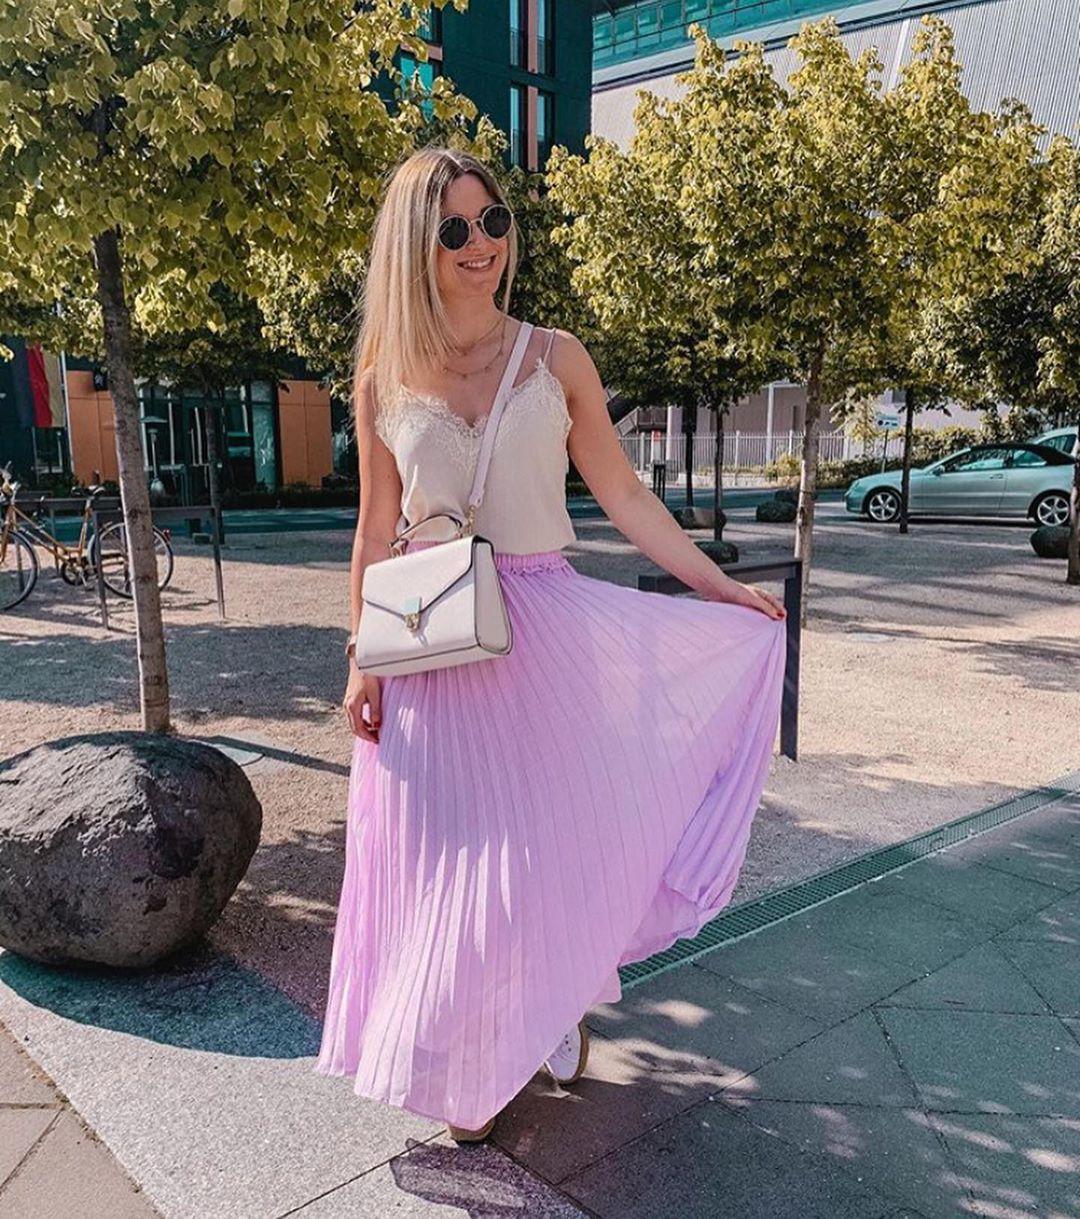 pleated skirt de Zara sur look_by_zara_hm